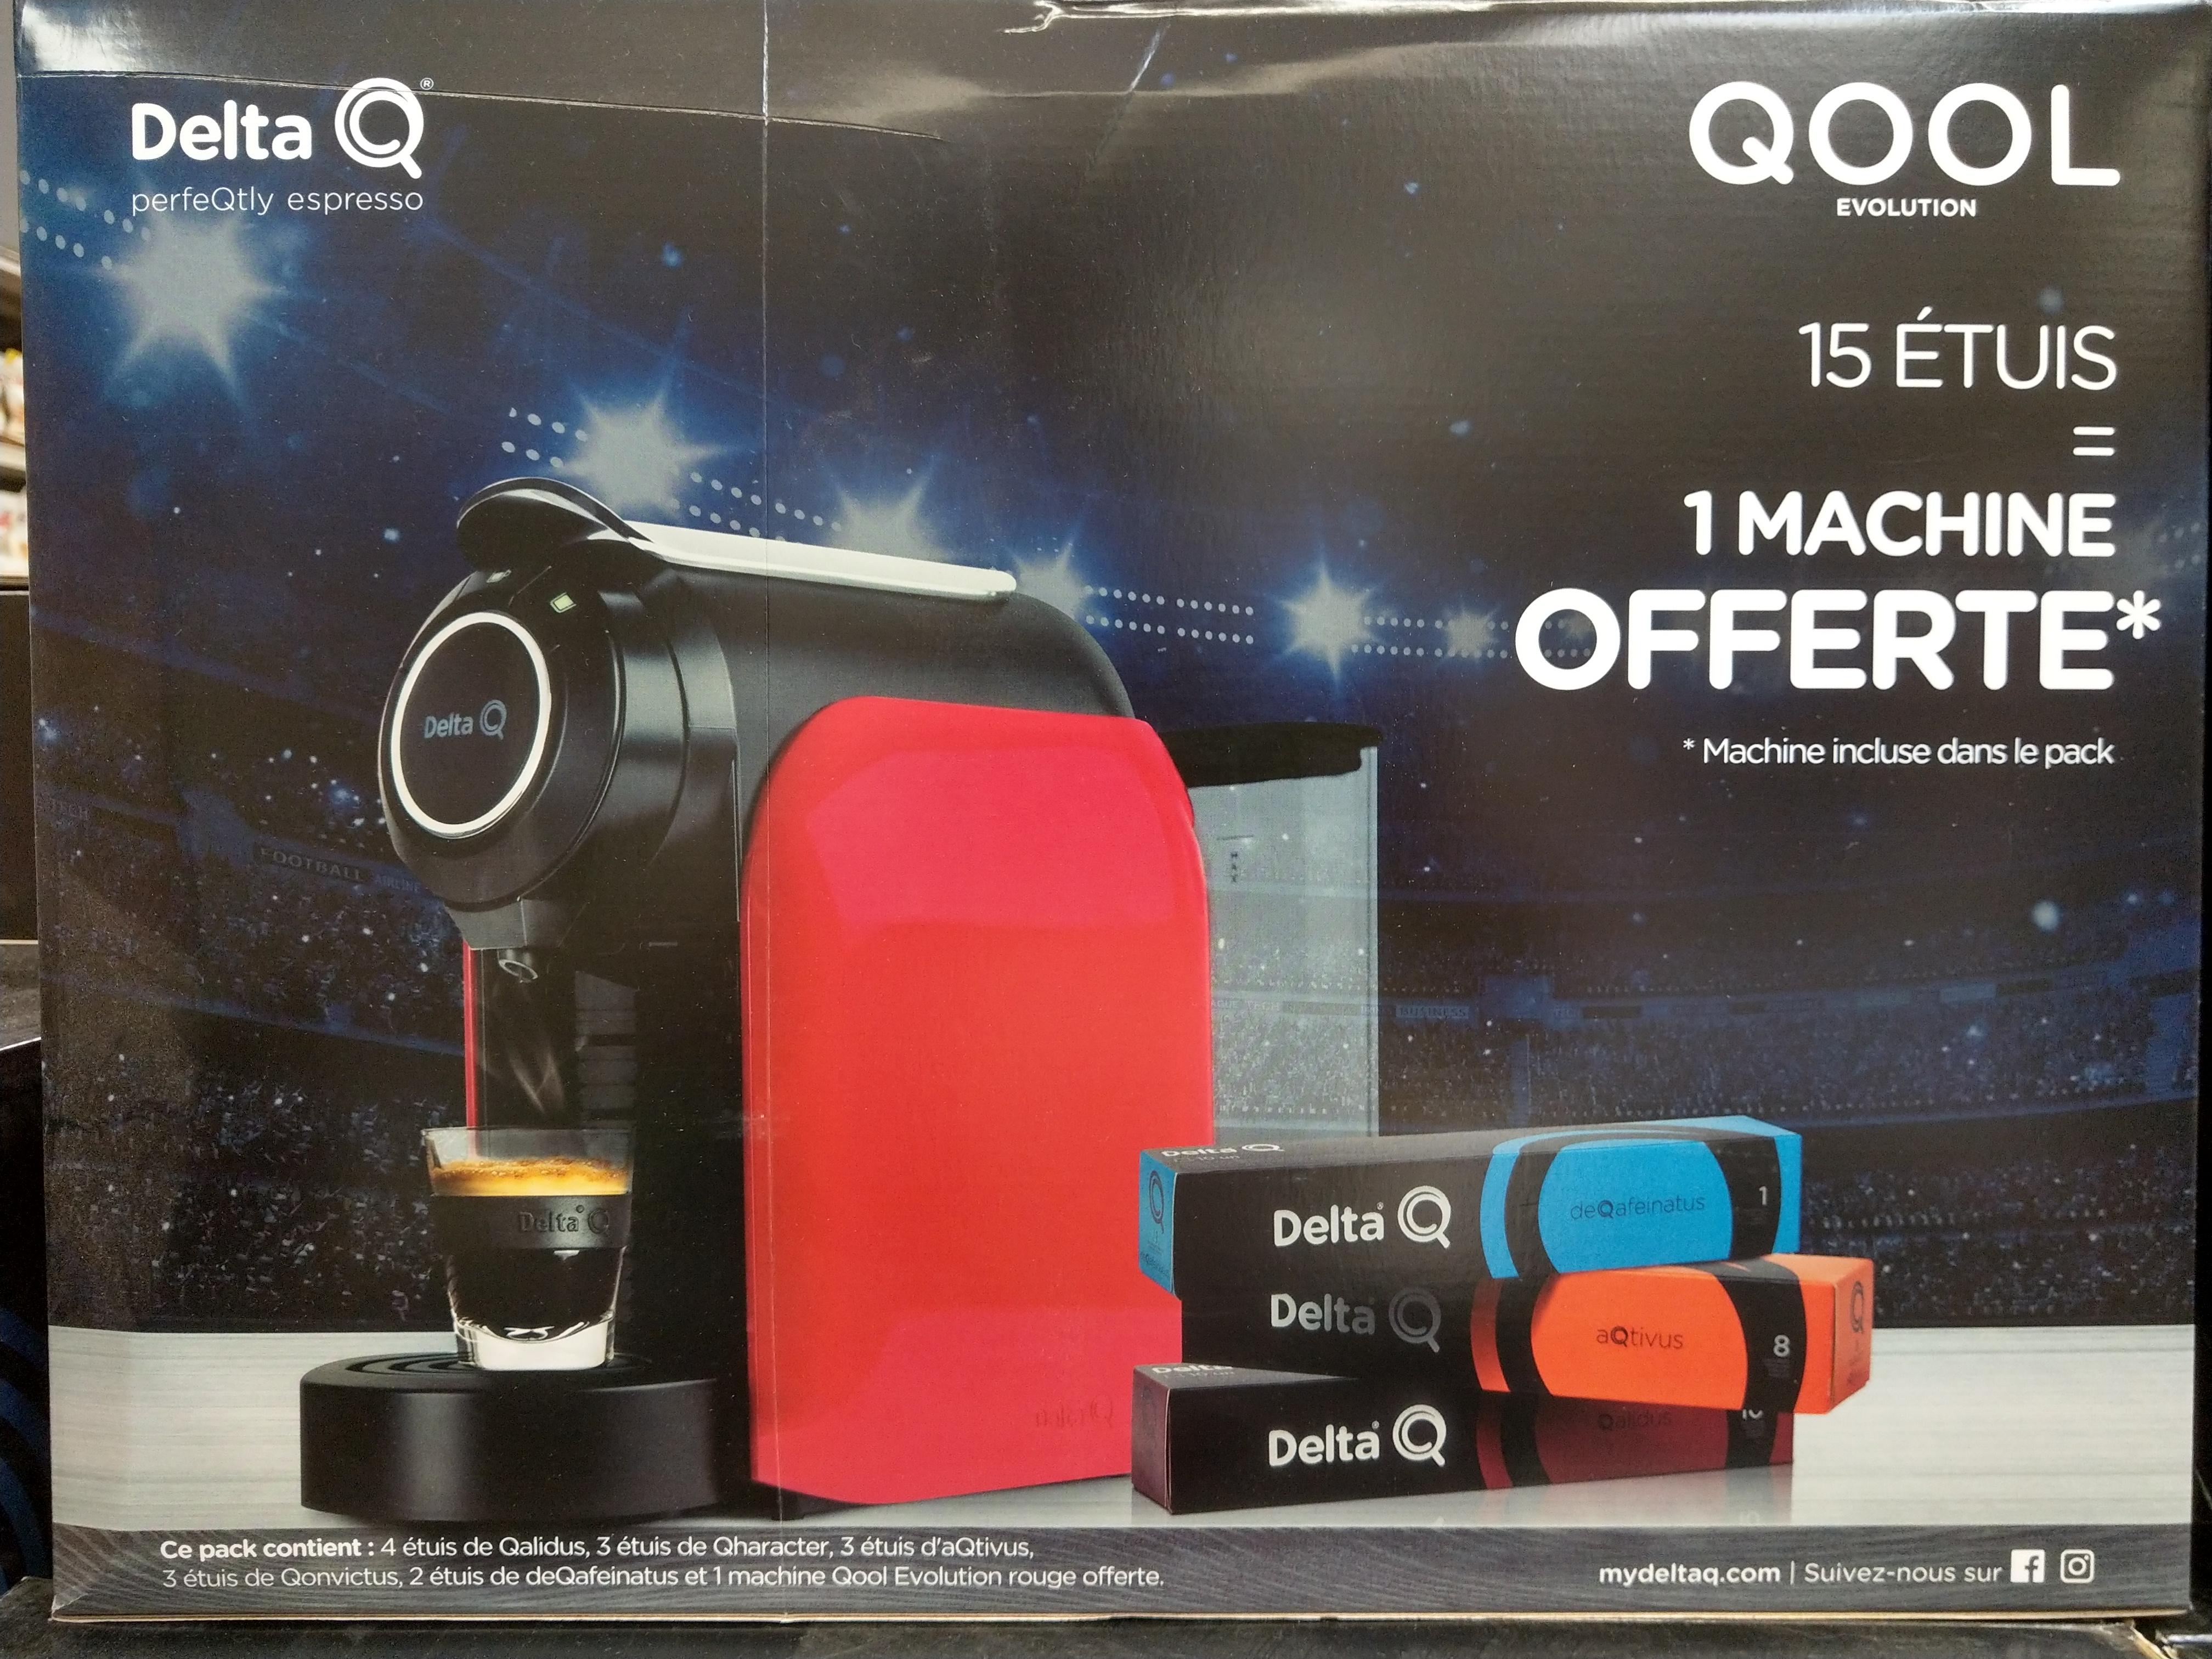 Pack machine à café Delta Q Qool Evolution + 15 étuis de 10 capsules de café Delta (150 capsules) - Montesson (78)